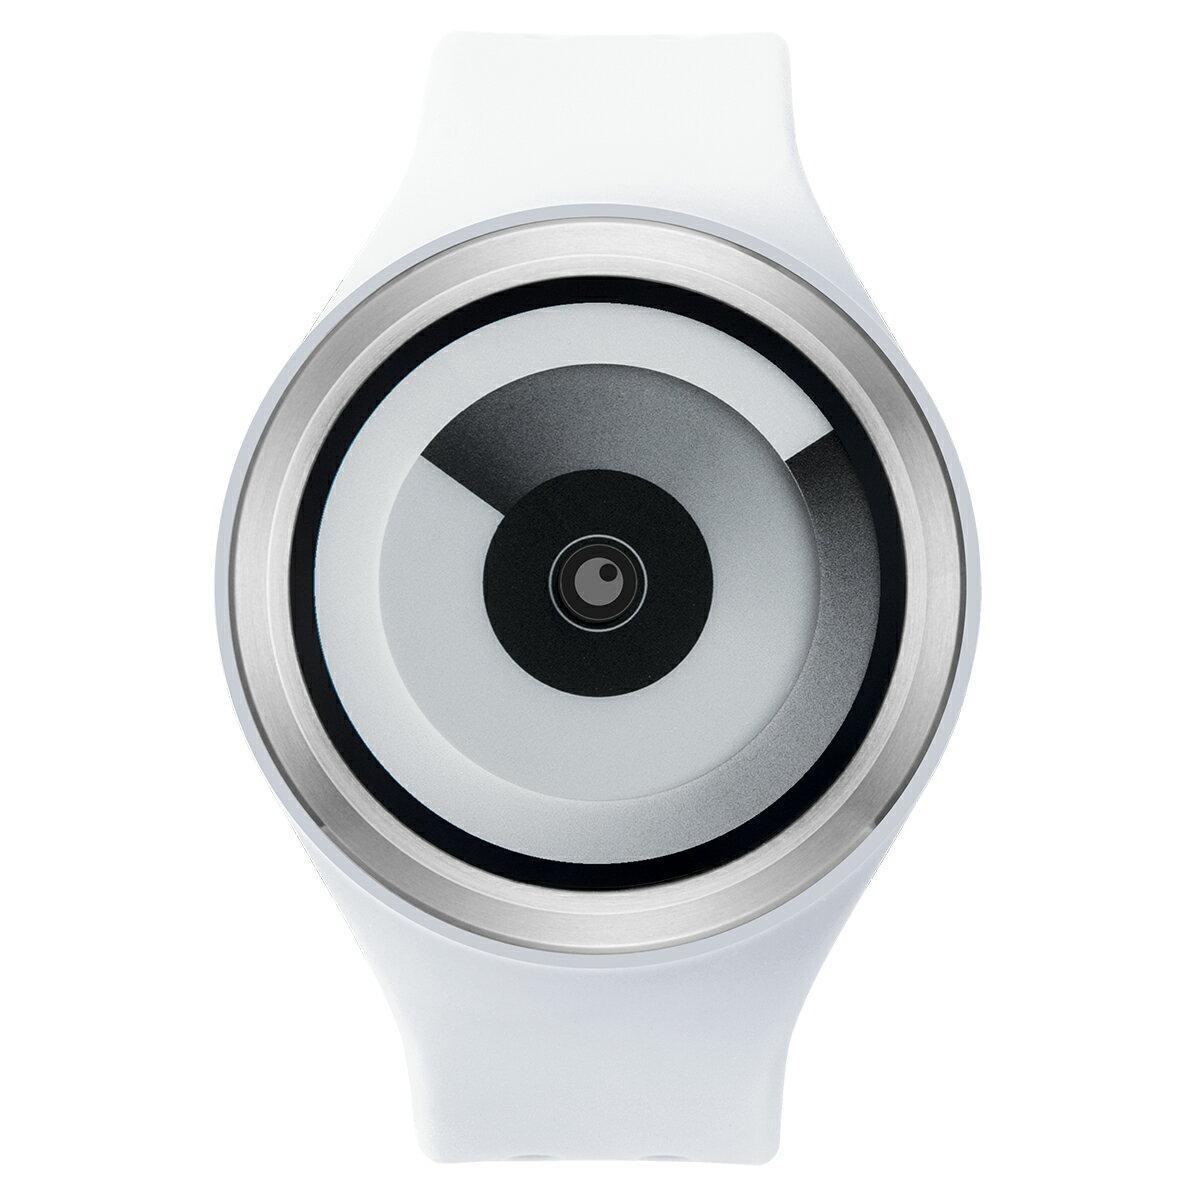 ZEROO SPIRAL GALAXY ゼロ 電池式クォーツ 腕時計 [W00602B01SR01] ホワイト デザインウォッチ ペア用 メンズ レディース ユニセックス おしゃれ時計 デザイナーズ